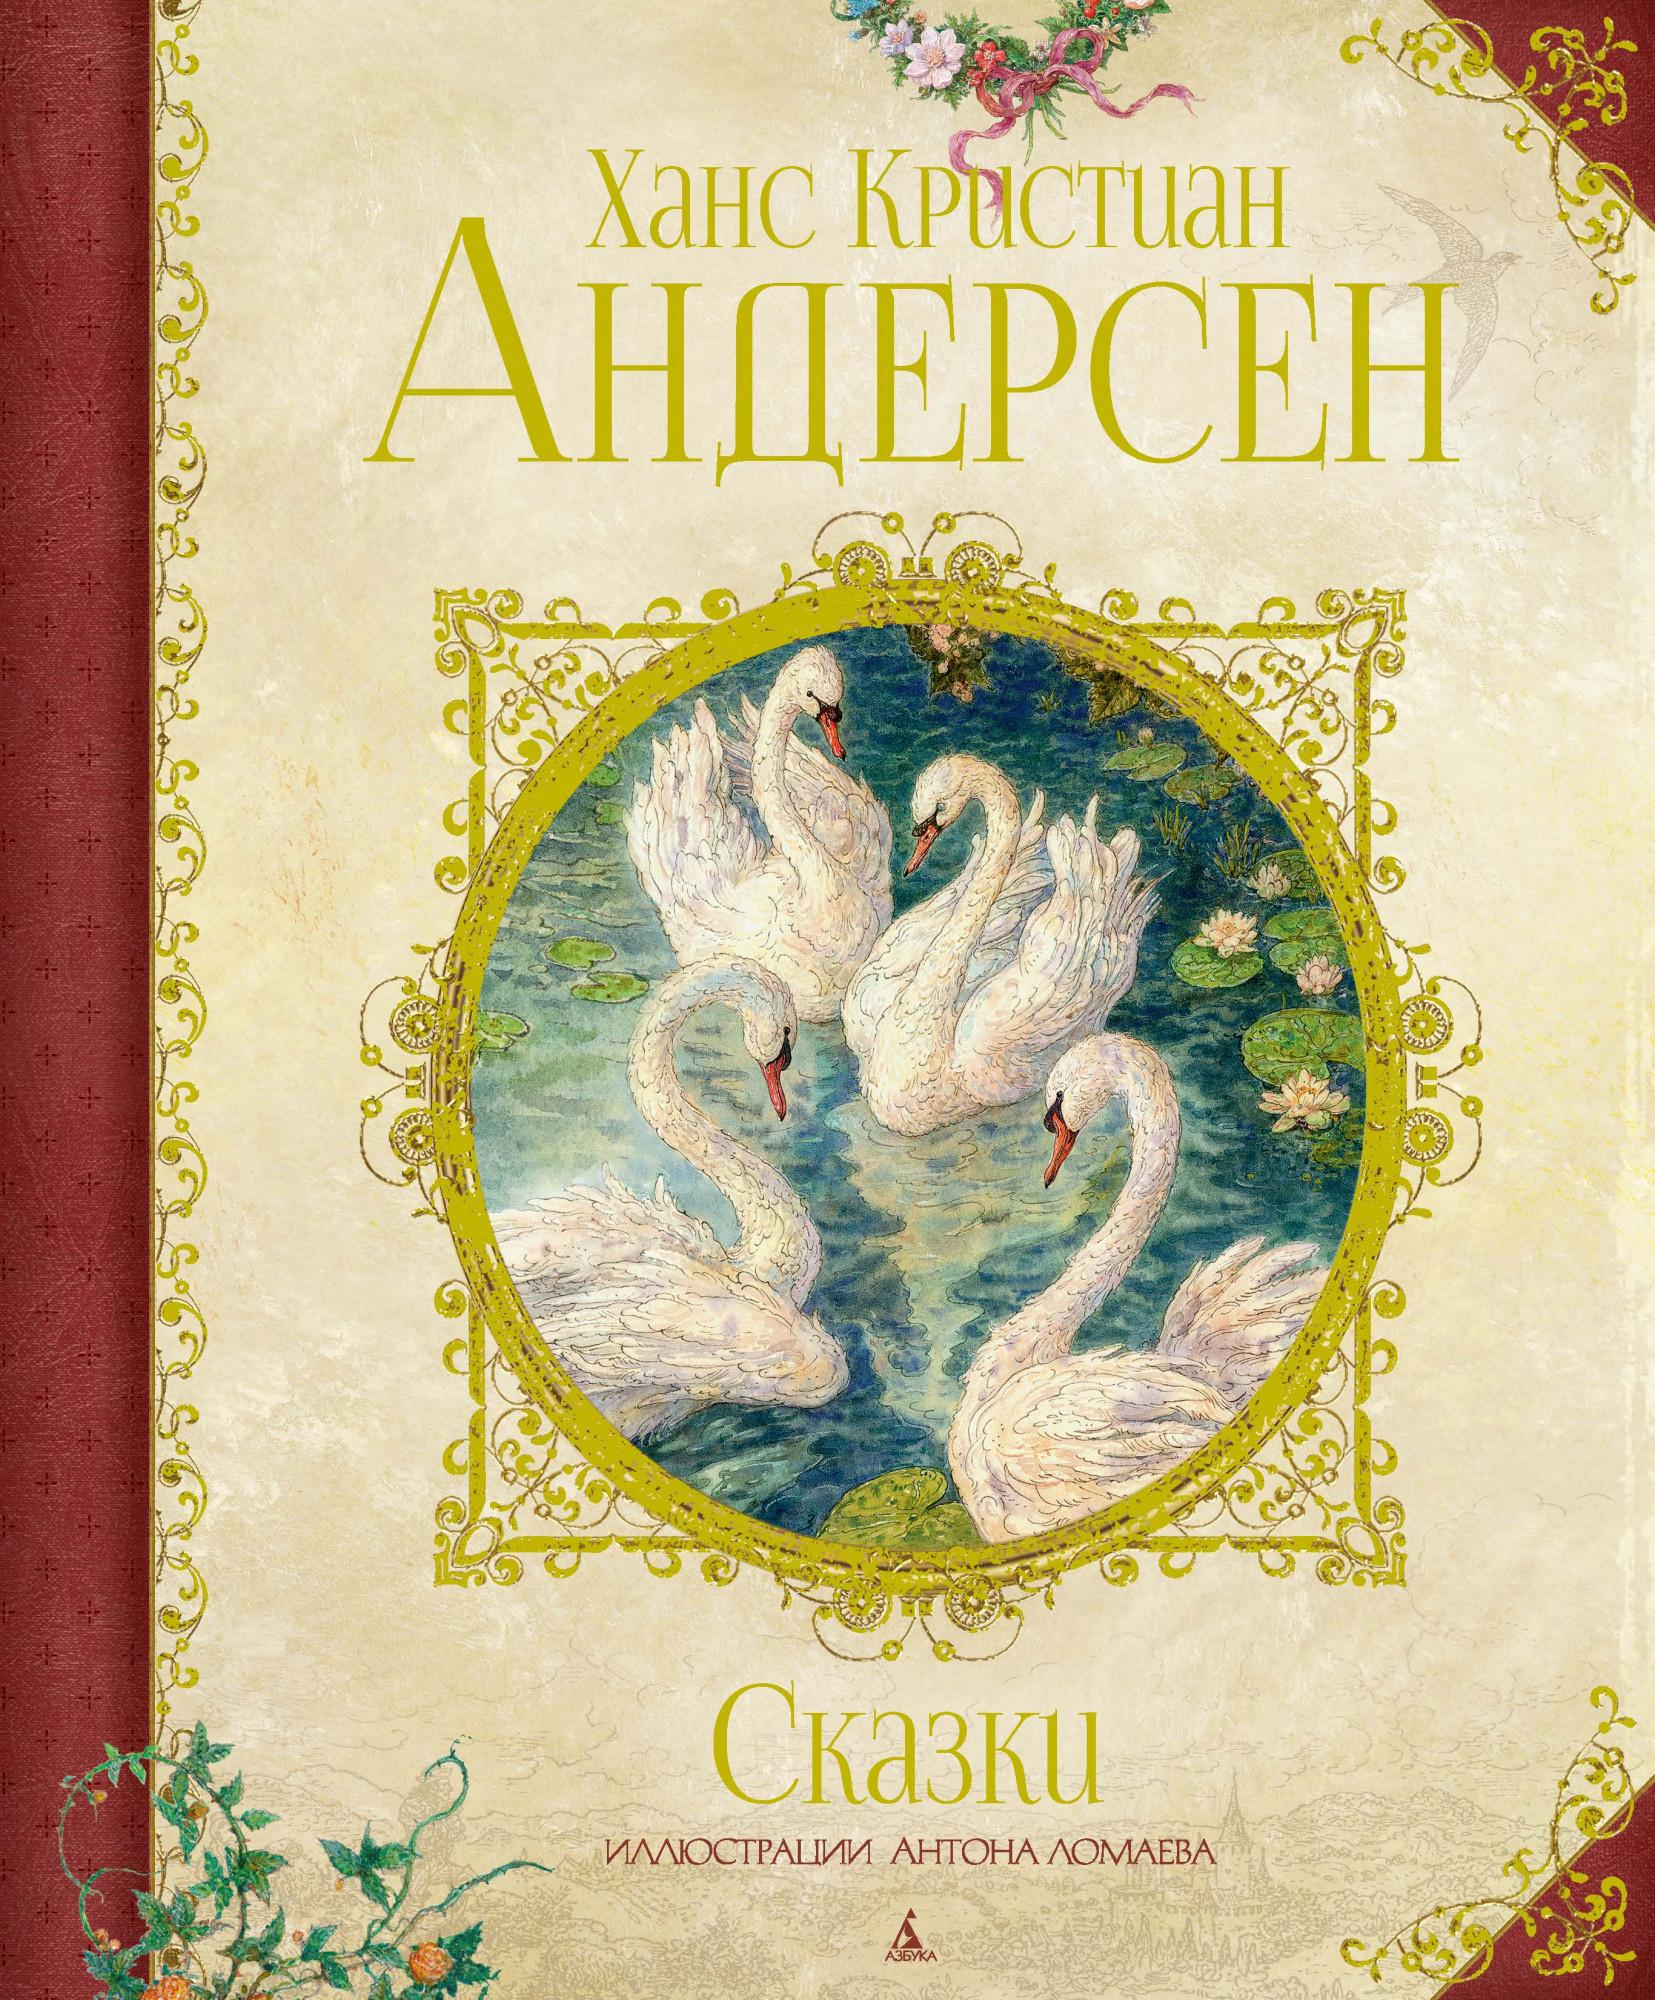 Сказки (иллюстрации Антона Ломаева)